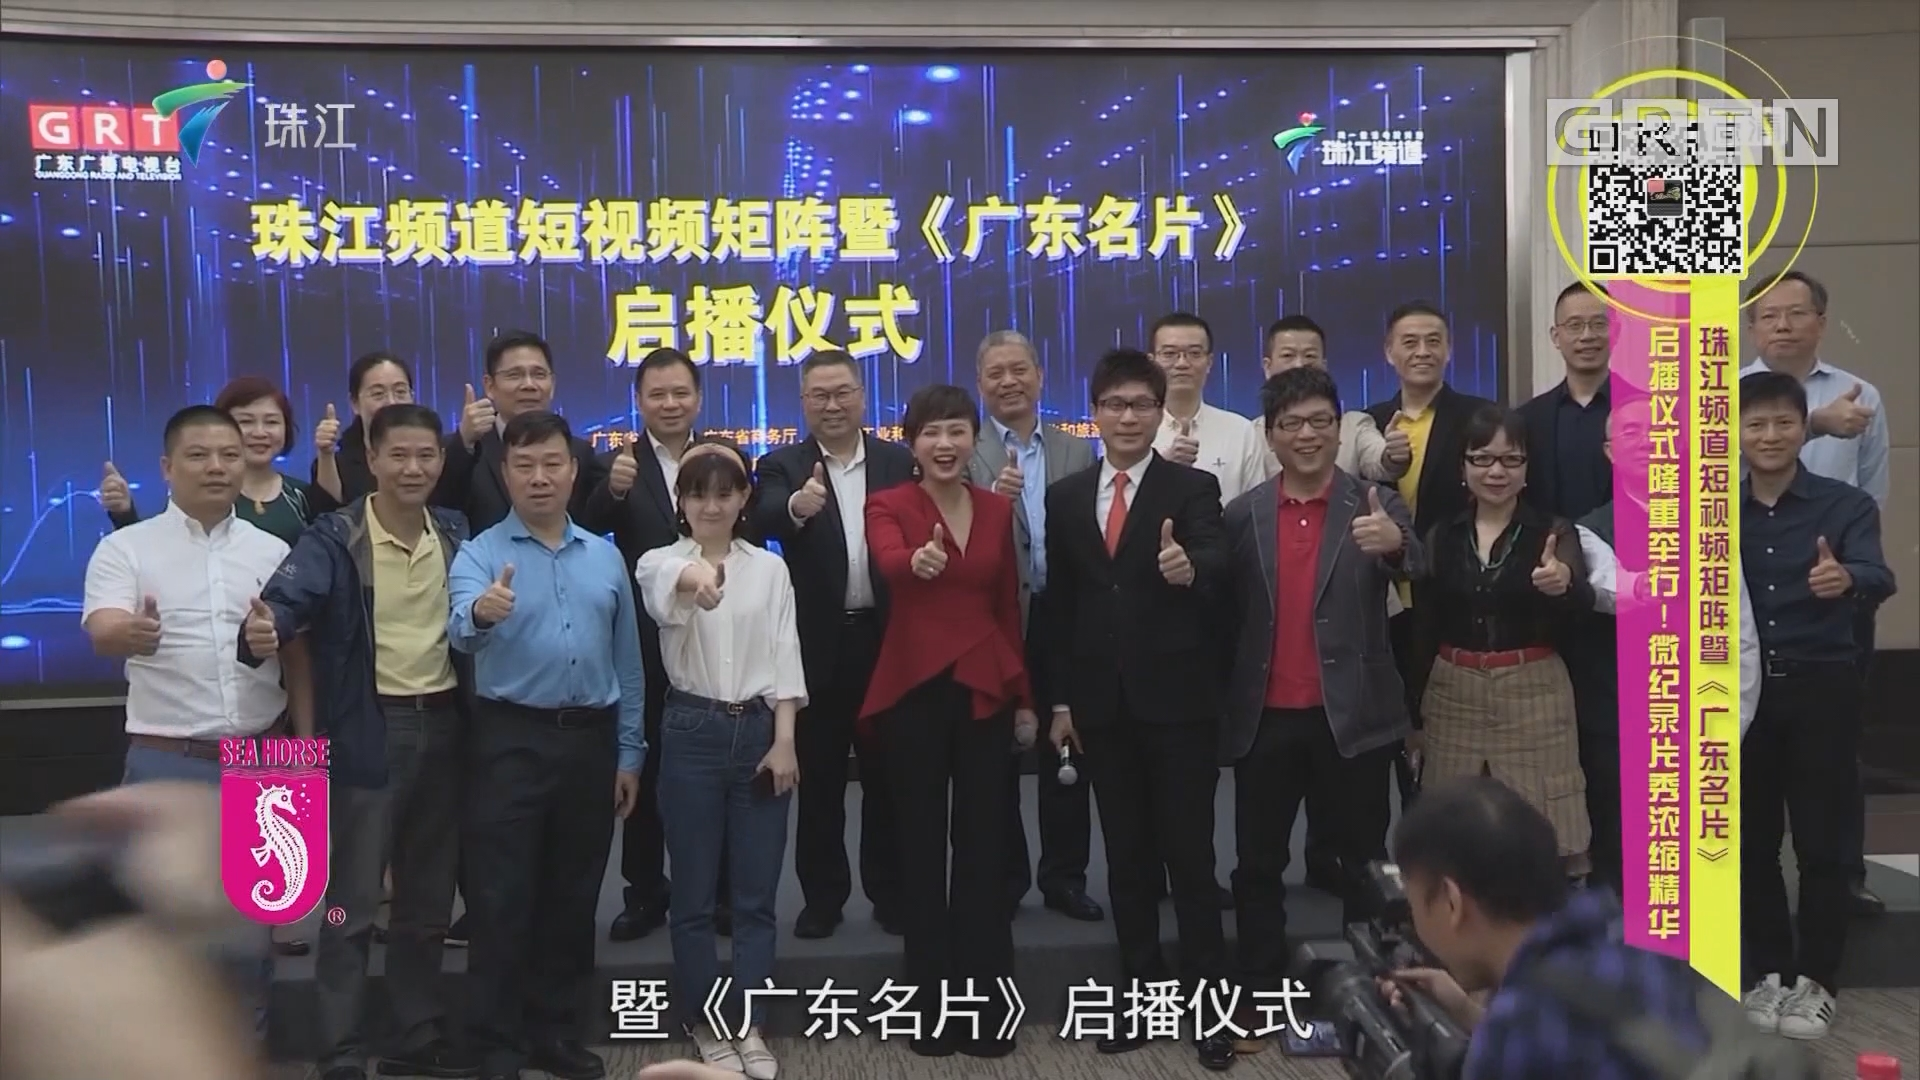 珠江频道短视频矩阵暨《广东名片》启播仪式隆重举行!微纪录片秀浓缩精华